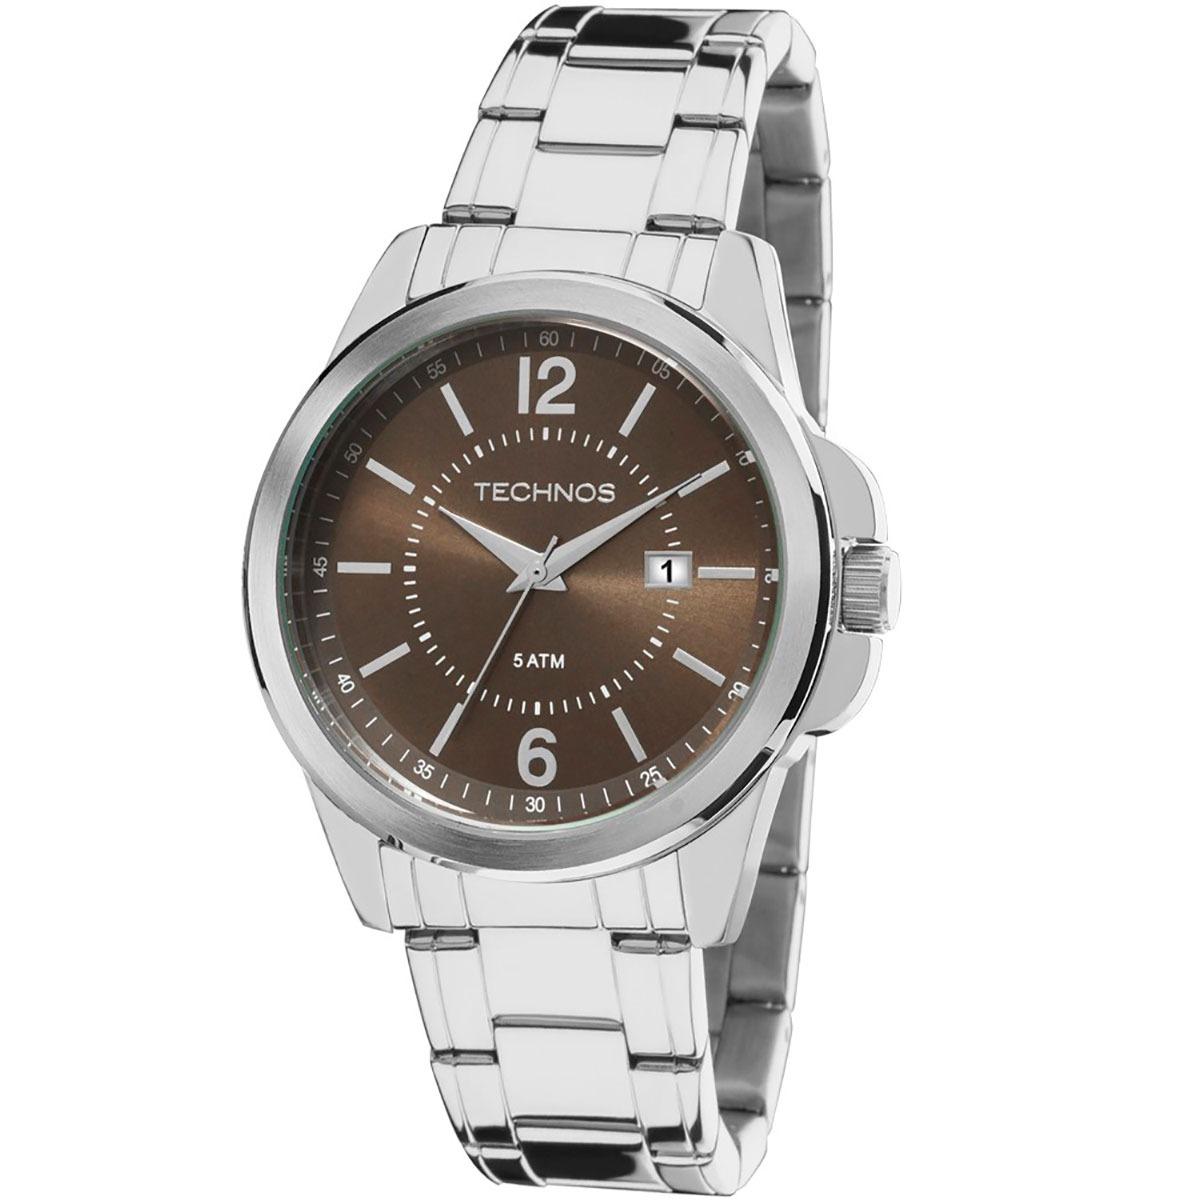 Relógio Technos Original Masculino 2115mkw 1m - R  279,90 em Mercado ... 9862f88ec3